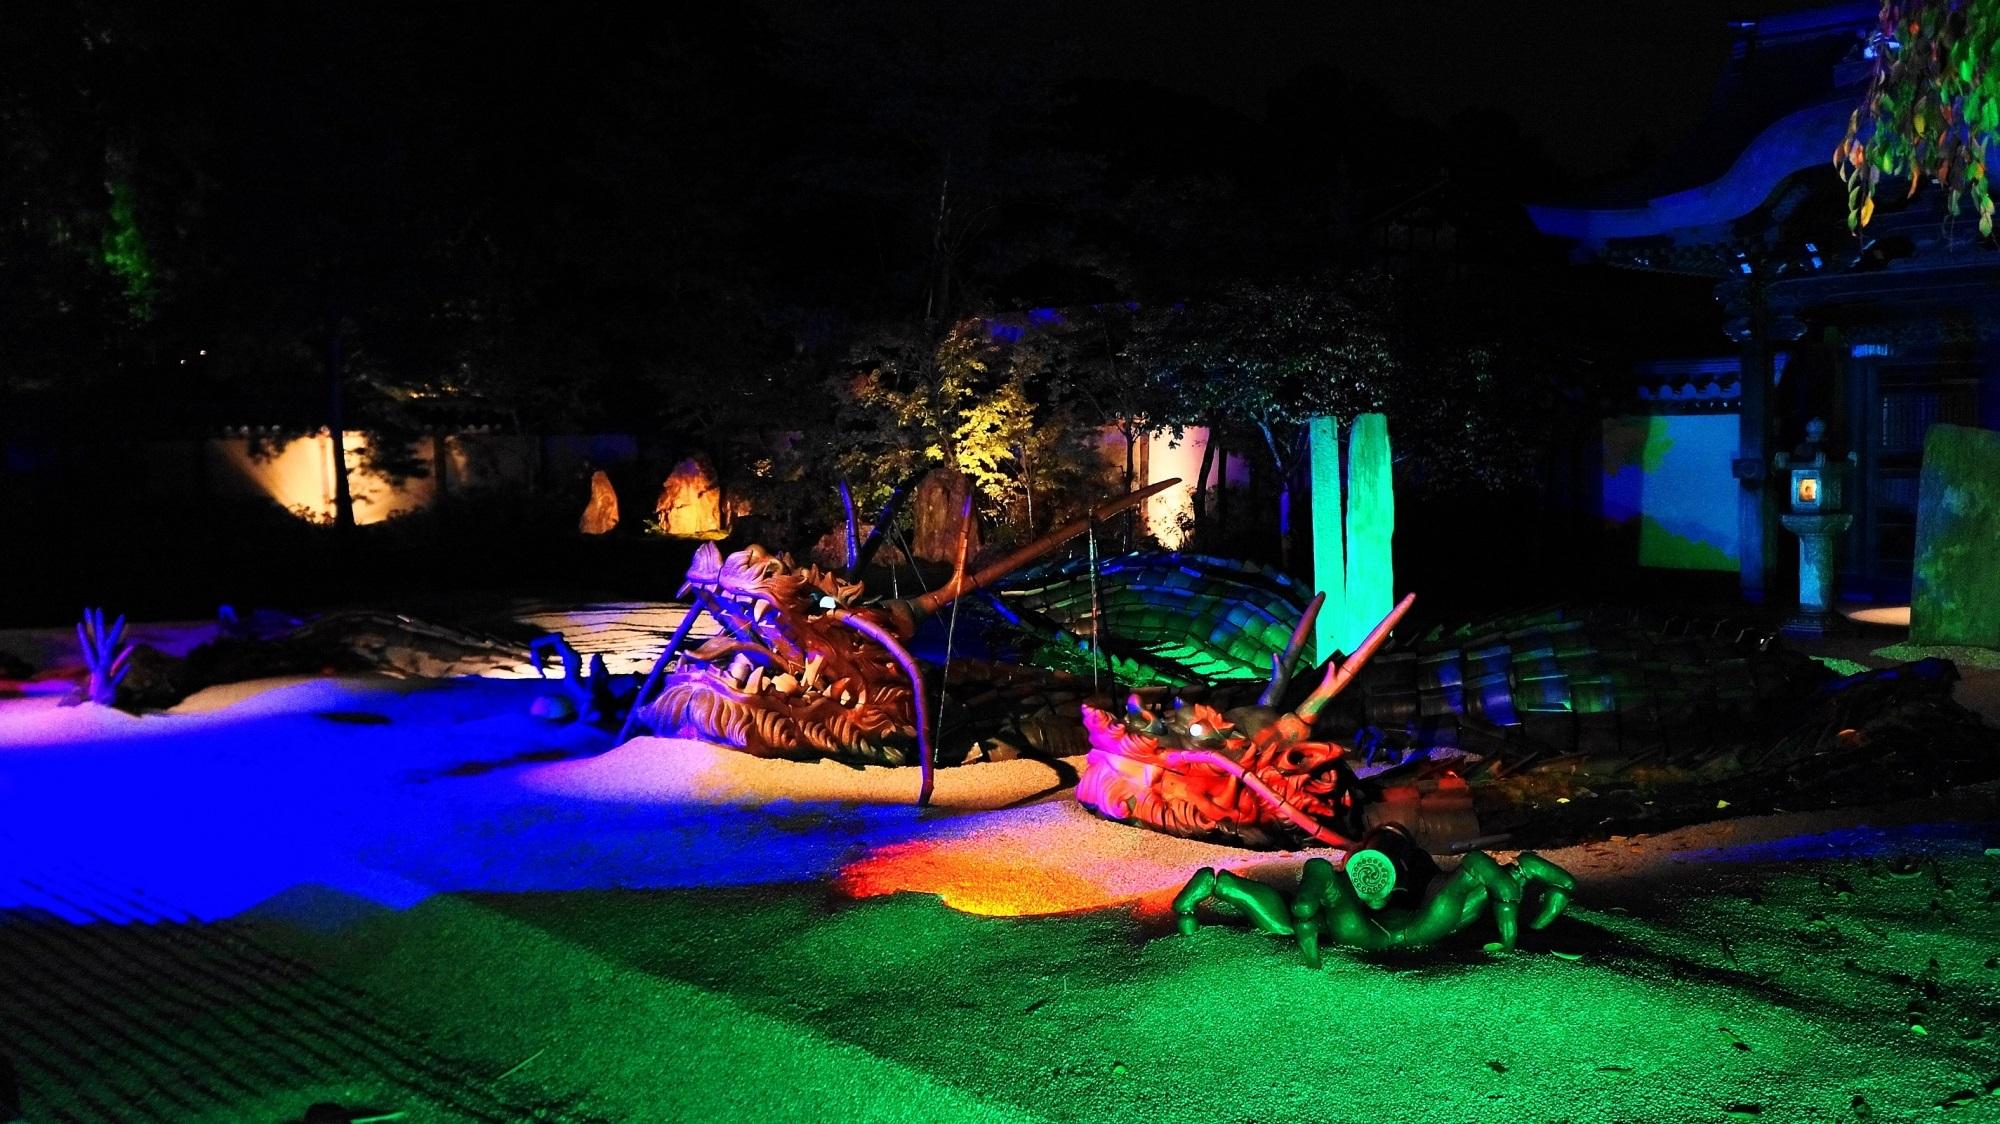 高台寺 紅葉 ライトアップ 幻想的な龍の庭園と紅葉